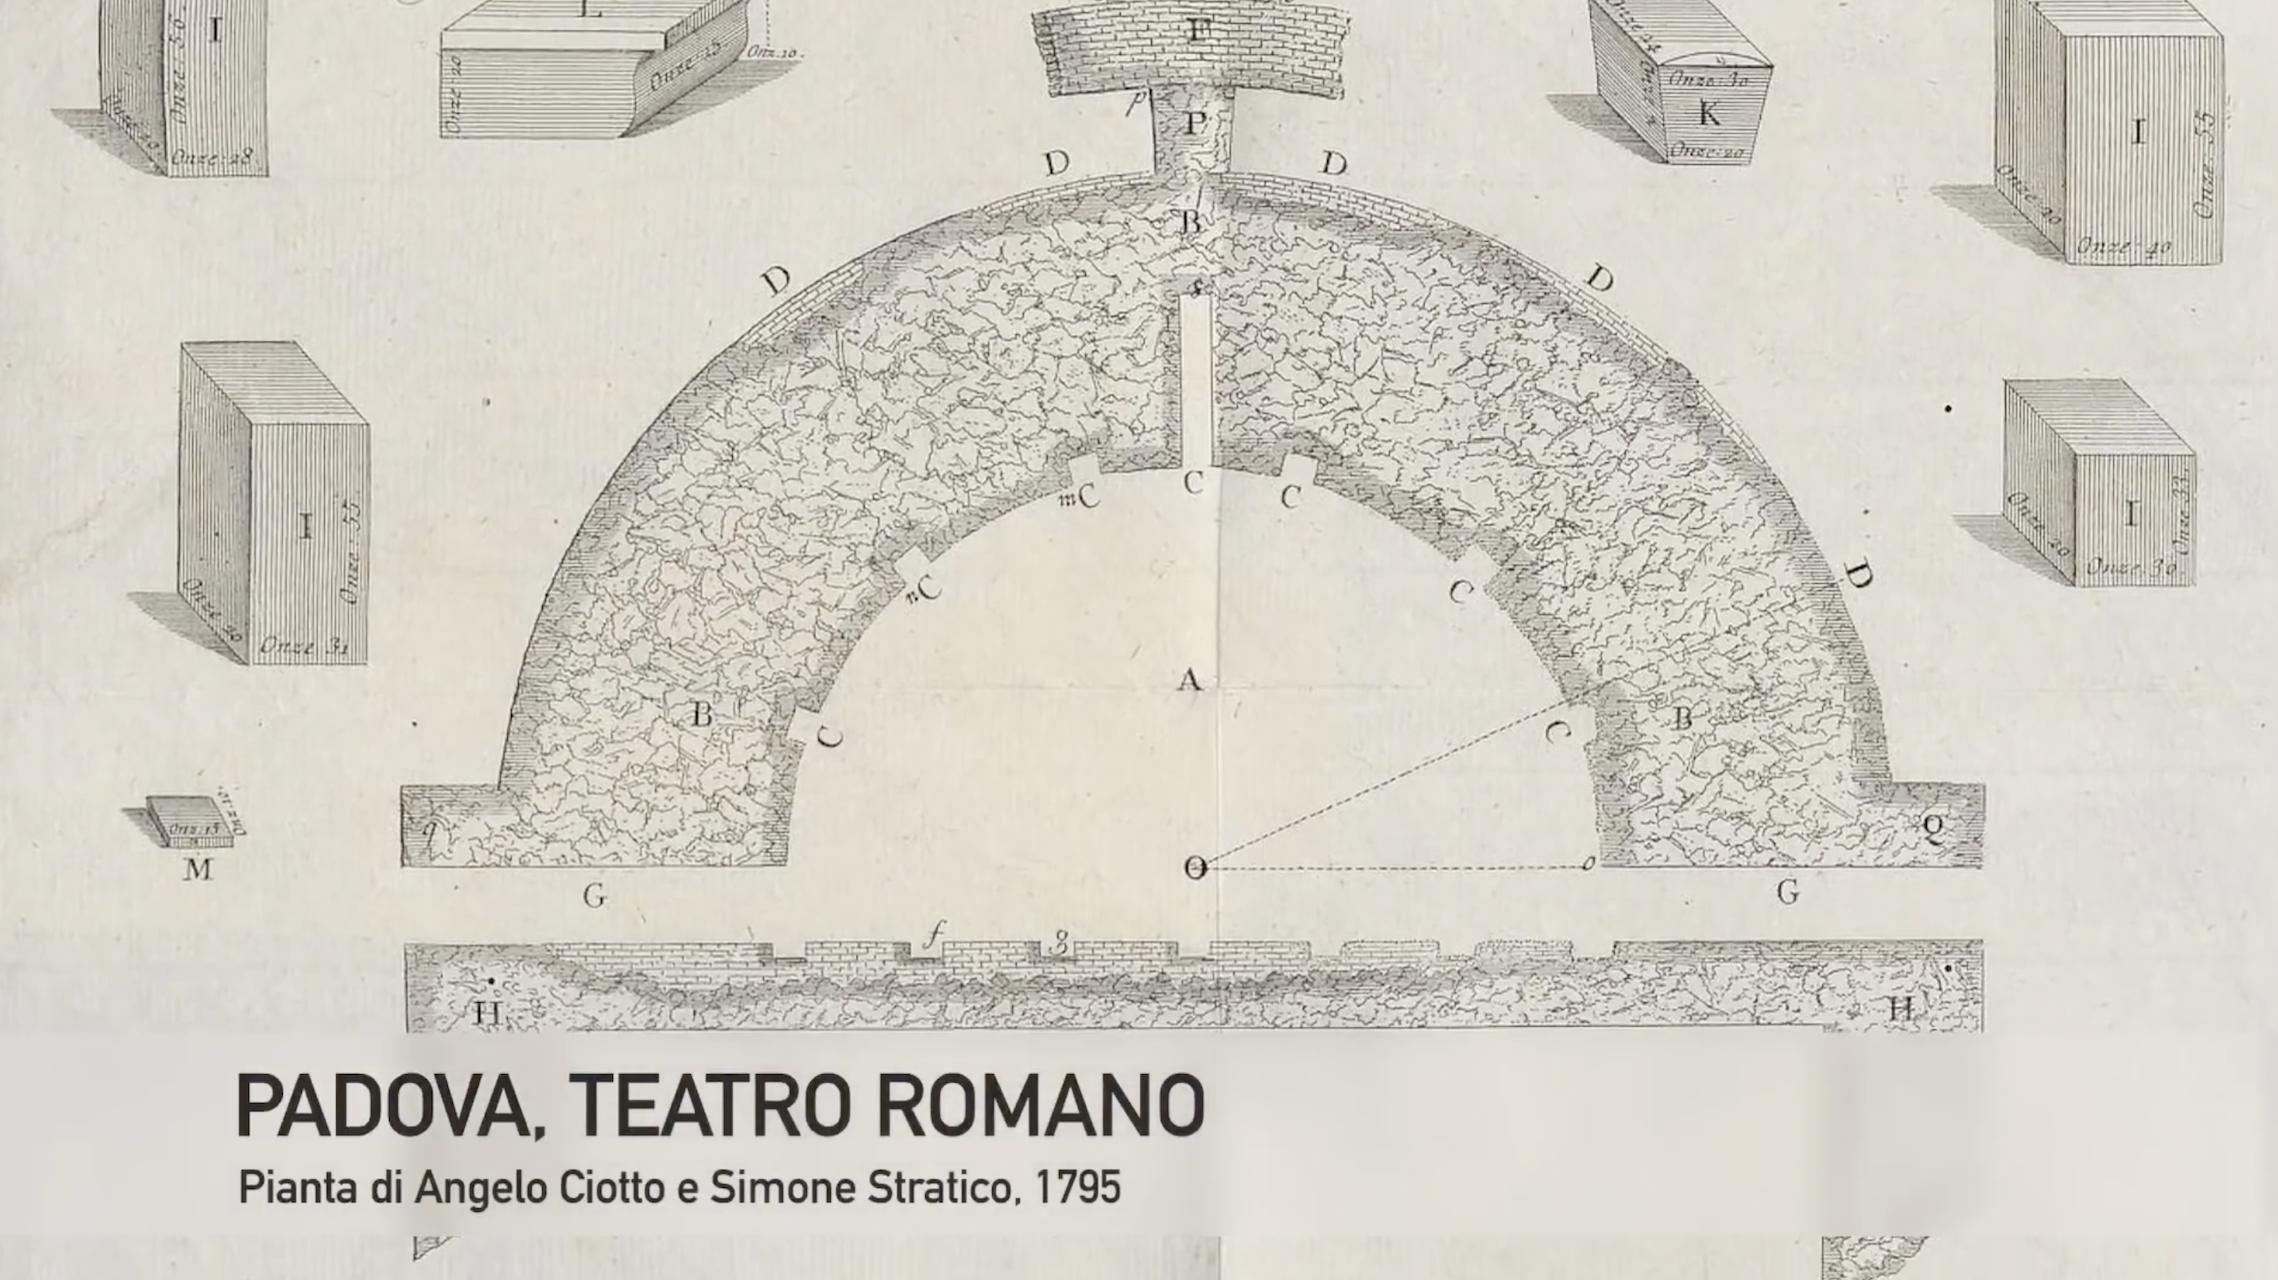 Zairo, il teatro sommerso. Docuvideo di Anna Ferrarese, archeologa con la passione per la divulgazione